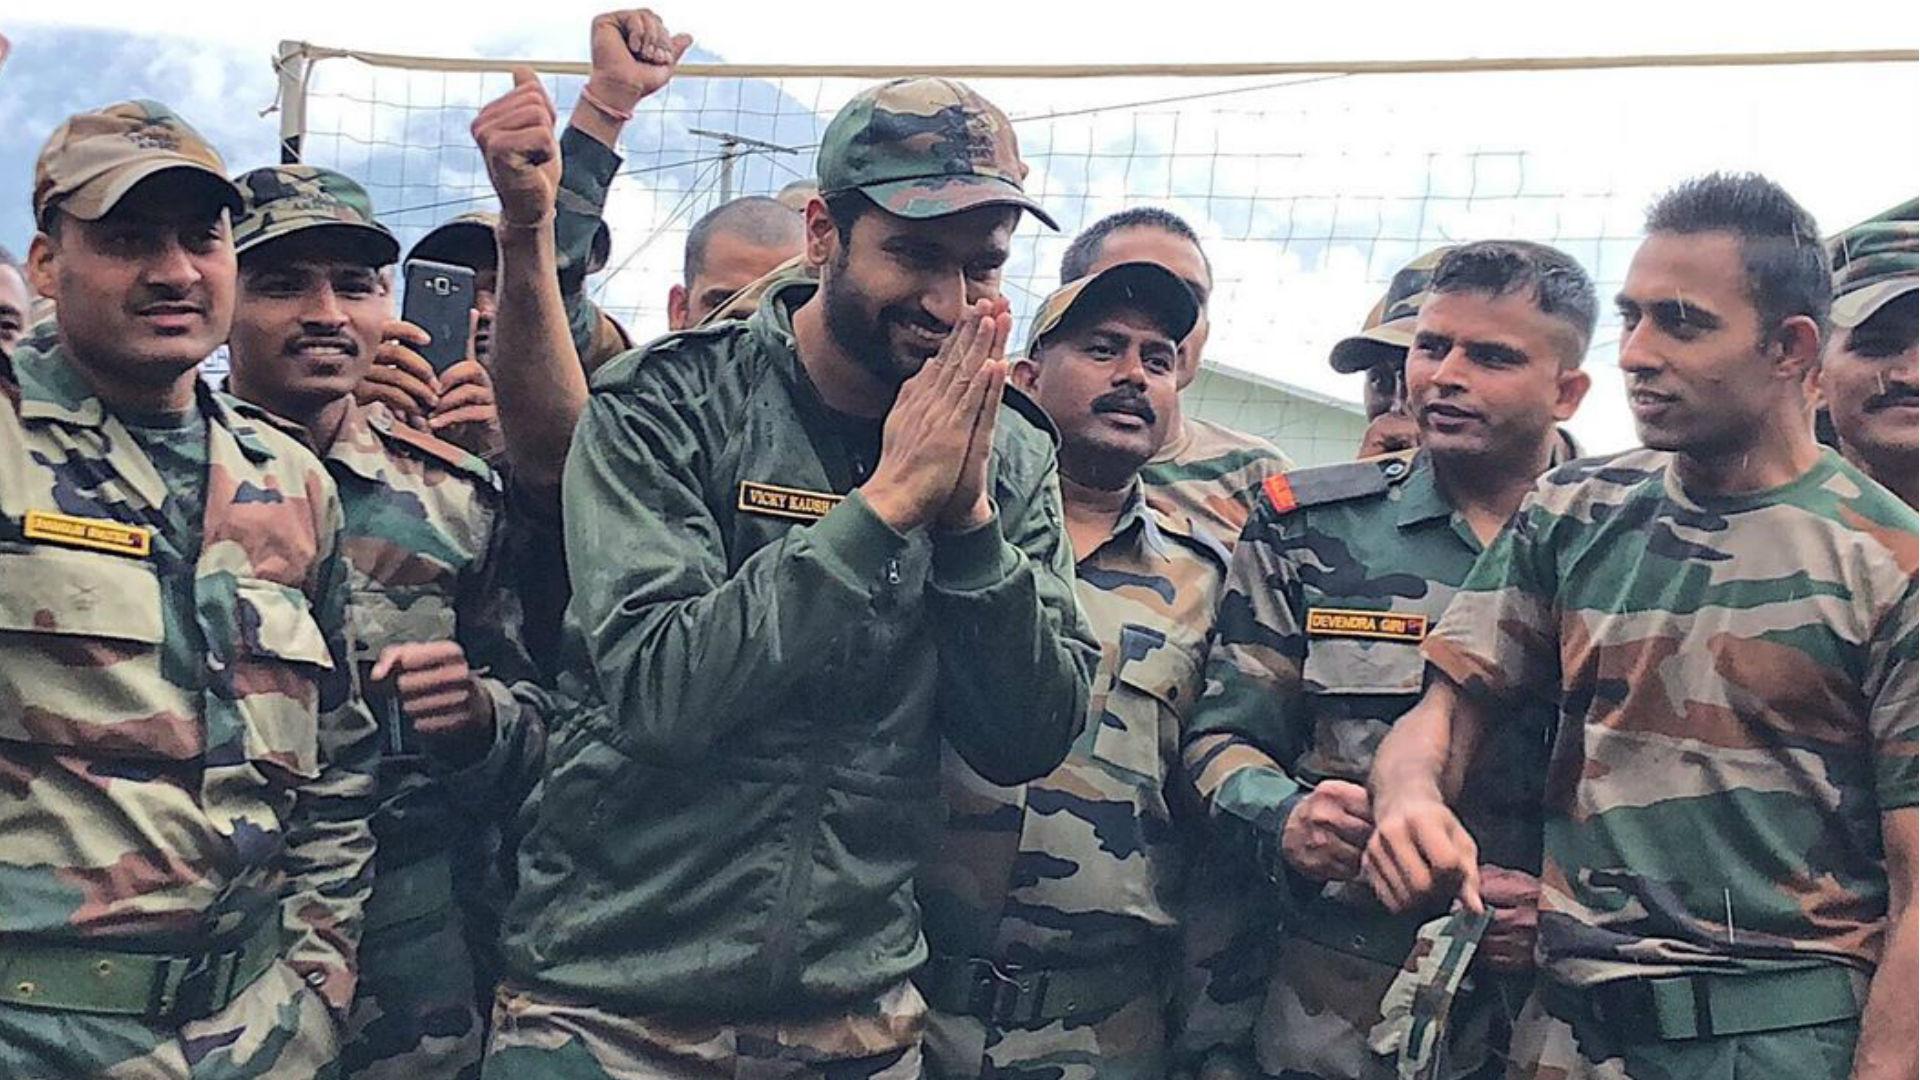 विक्की कौशल ने भारतीय सैनिकों के लिए बनाई रोटियां, सोशल मीडिया पर वायरल हो रही हैं ये तस्वीरें